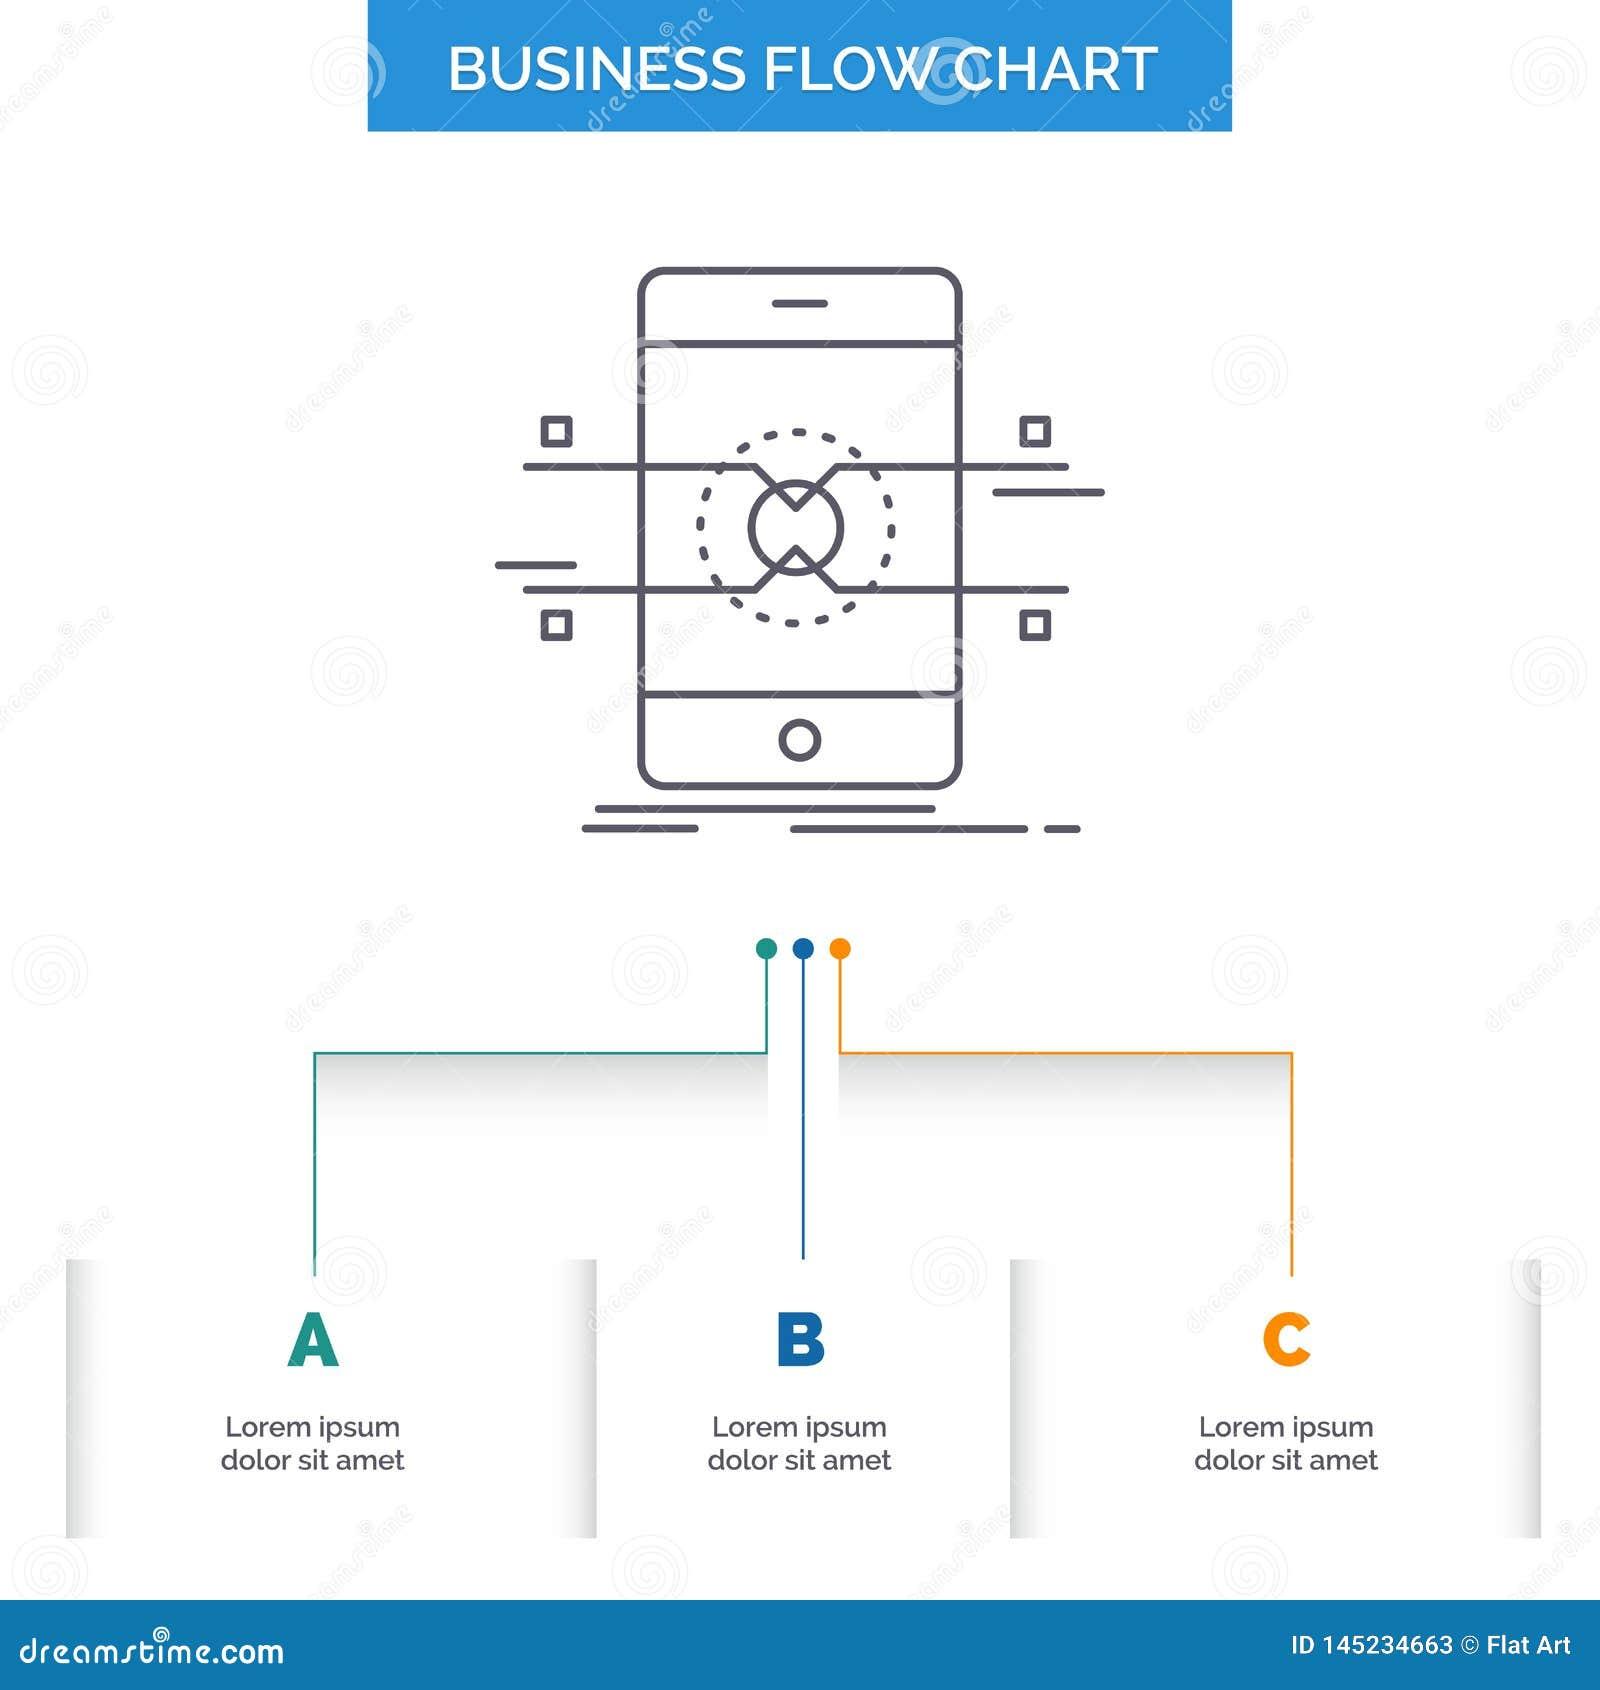 API, Schnittstelle, Mobile, Telefon, Smartphone Geschäfts-Flussdiagramm-Entwurf mit 3 Schritten r